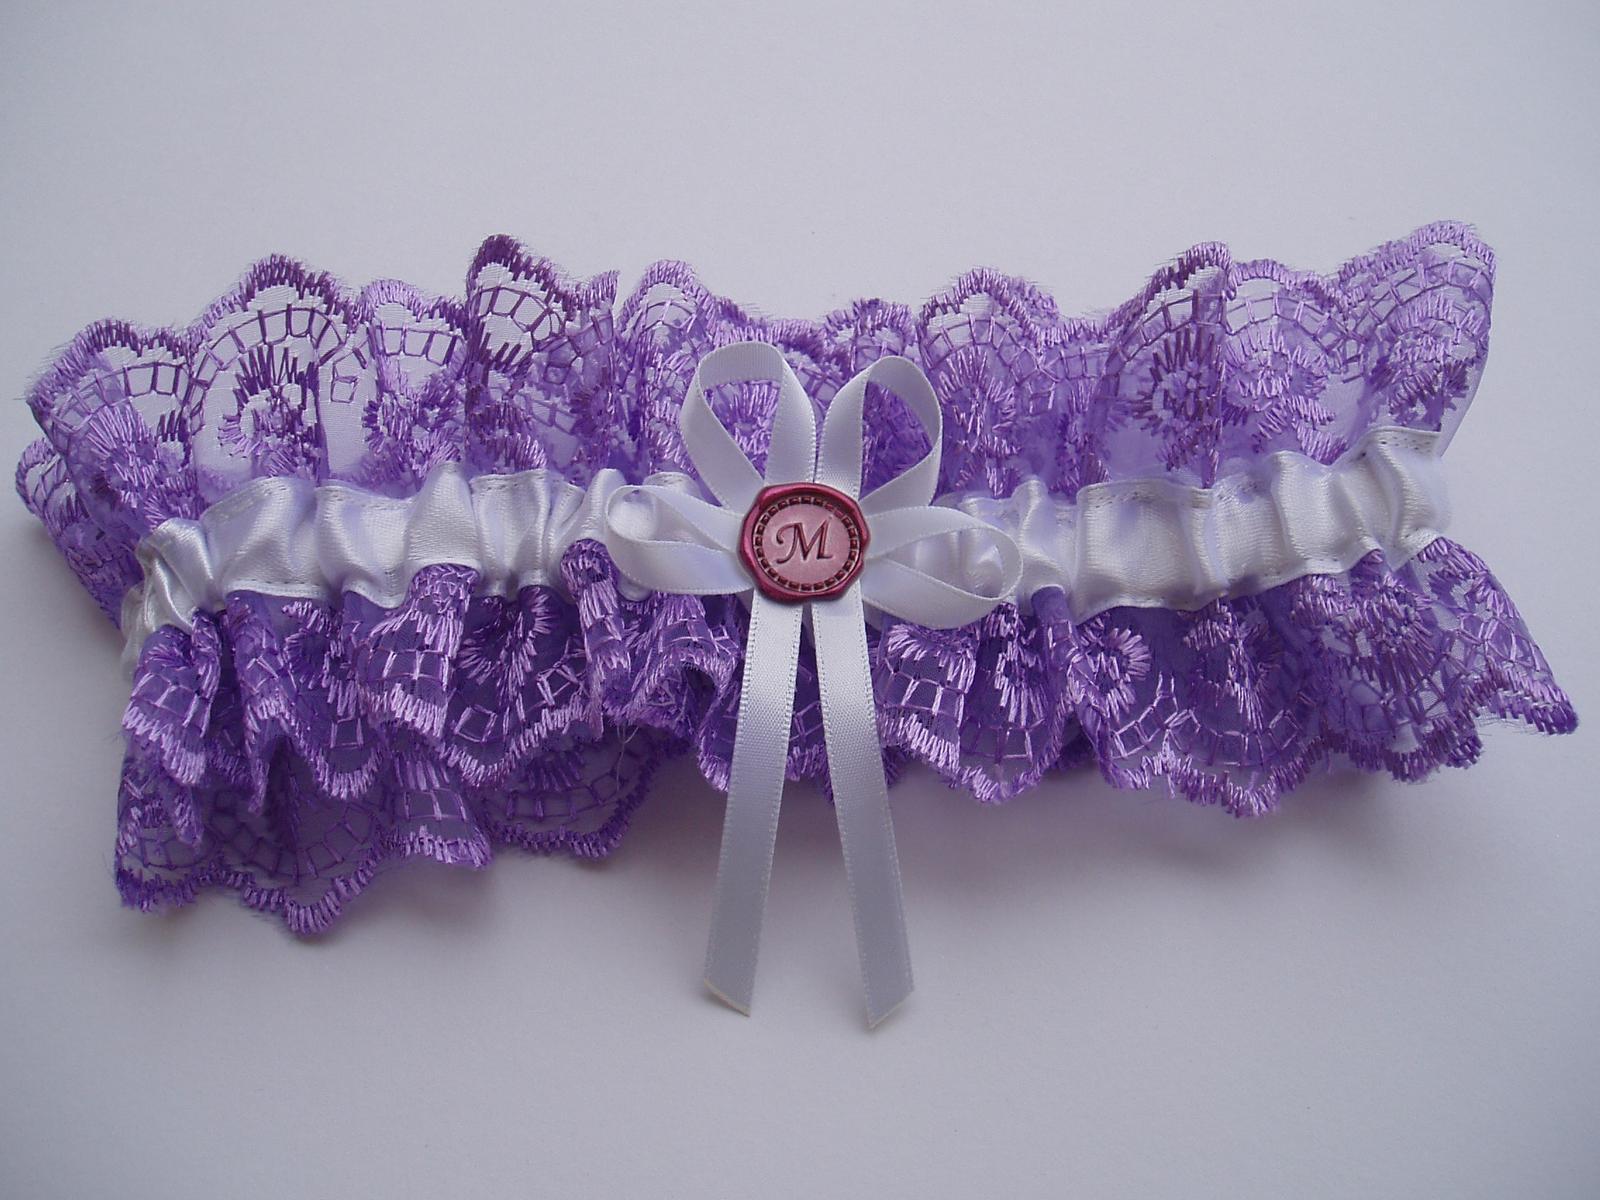 fialový podvazek s pečetí - Obrázek č. 1